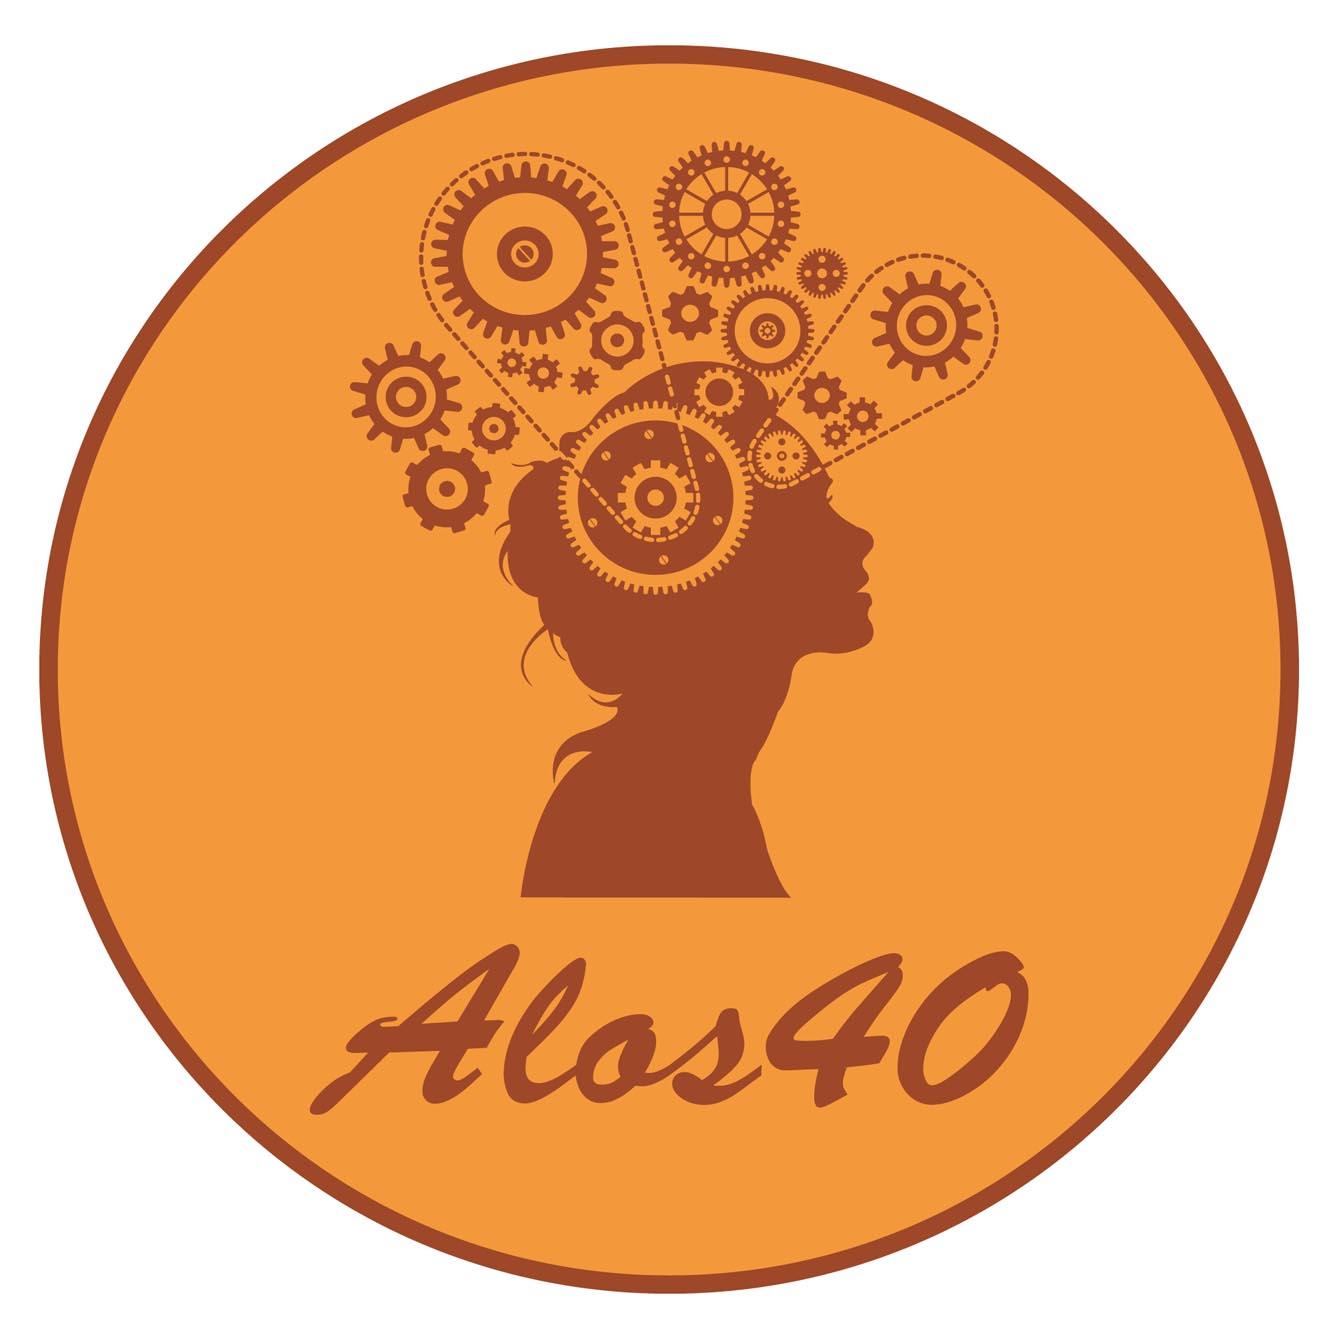 Alos40